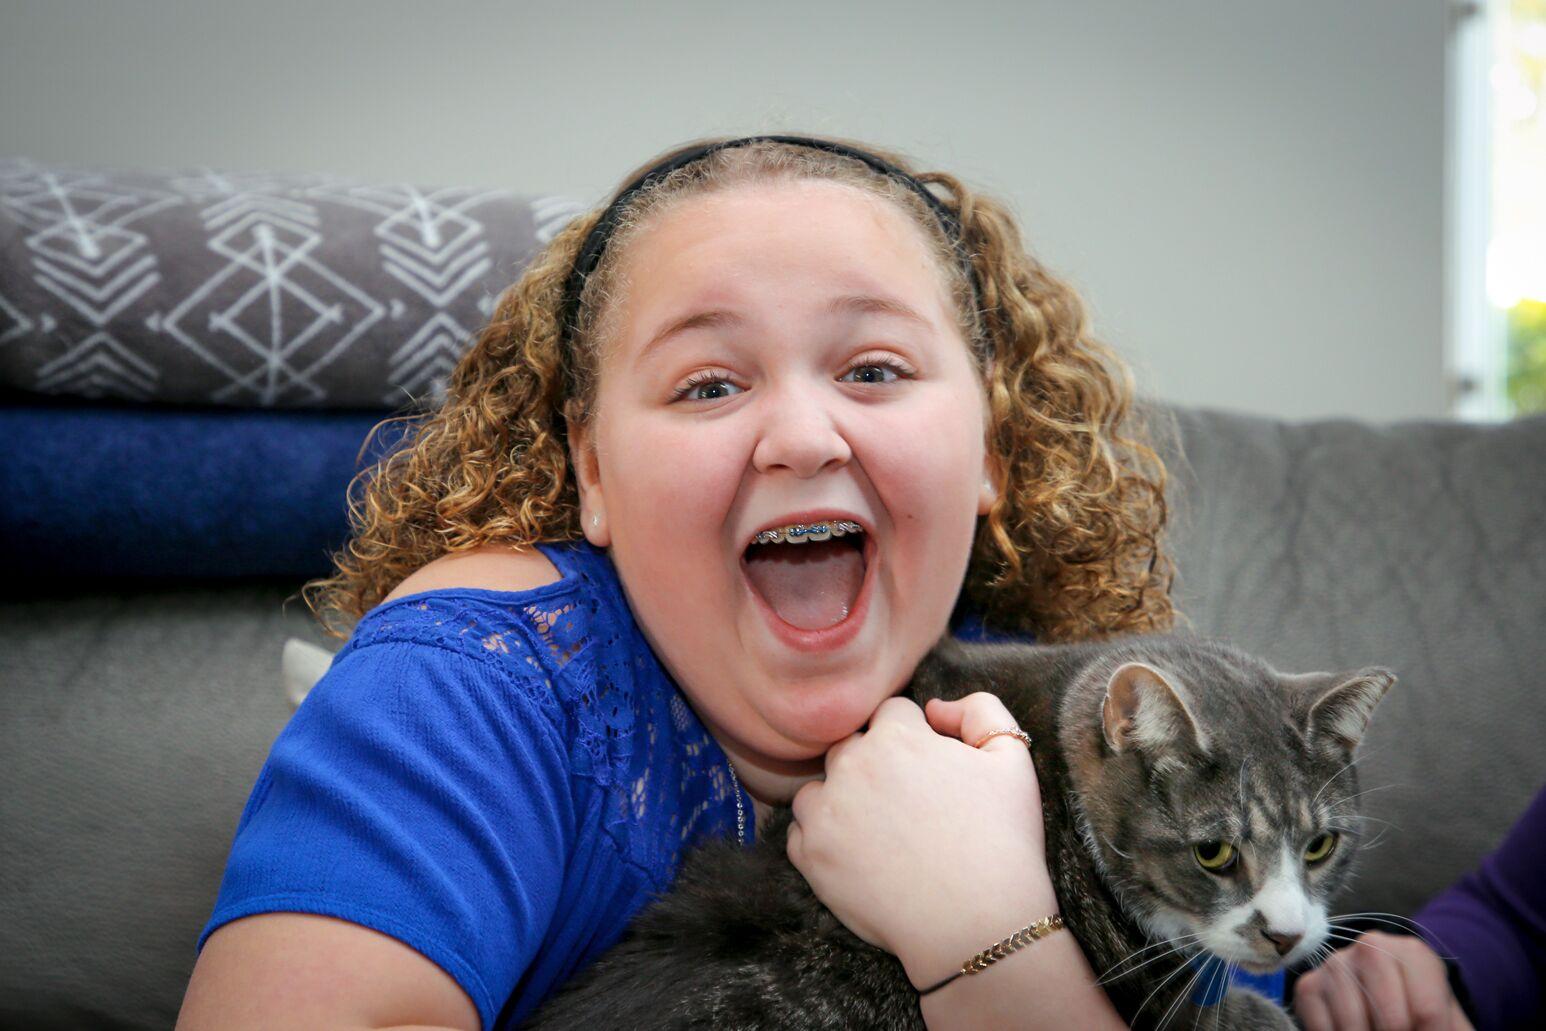 Adrianna Linett holding her cat.